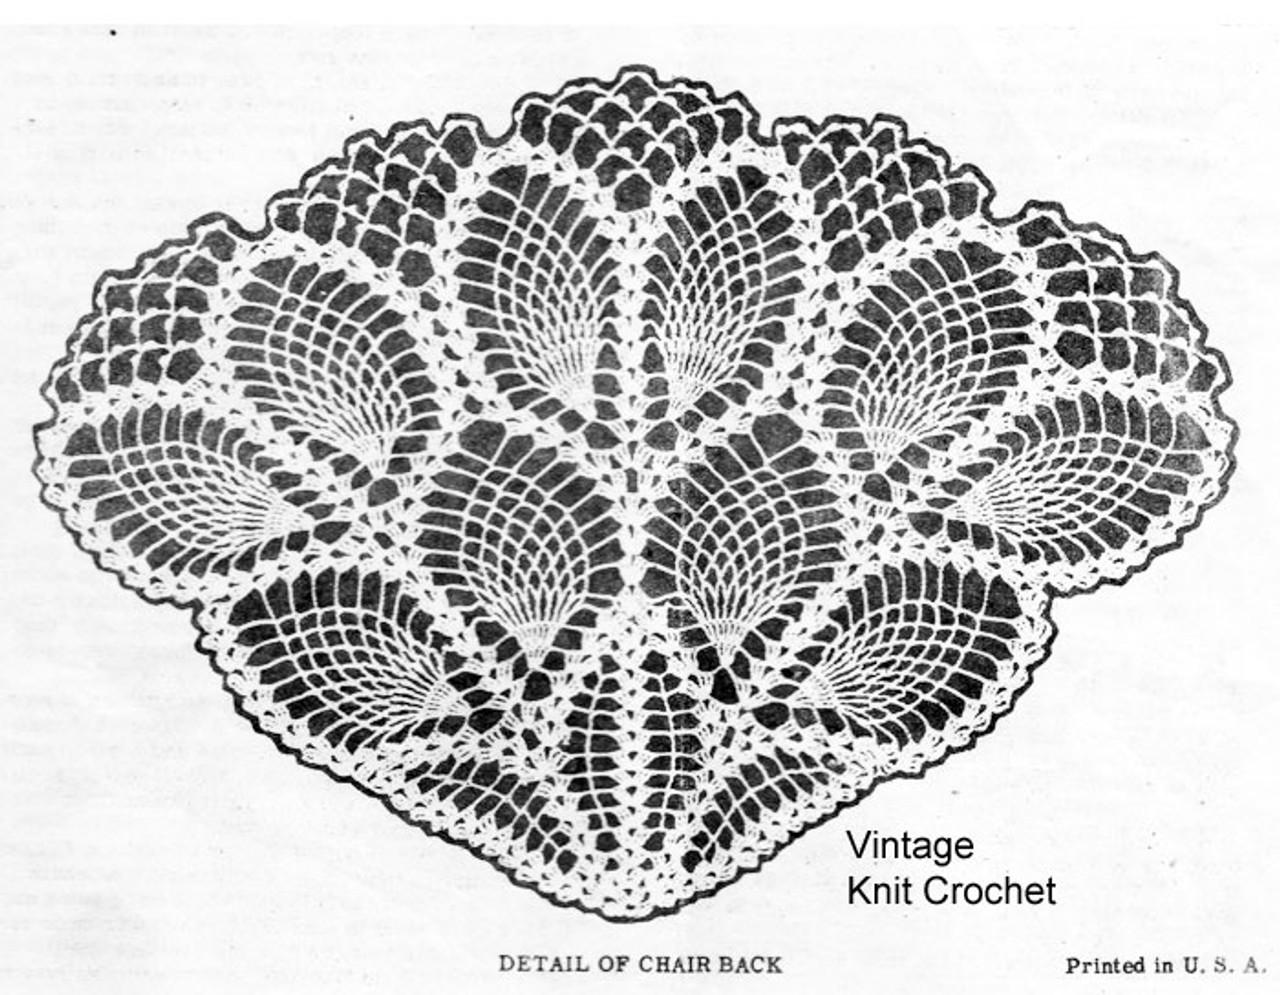 Laura Wheeler Pineapple Chair Set Illustration, Design 685